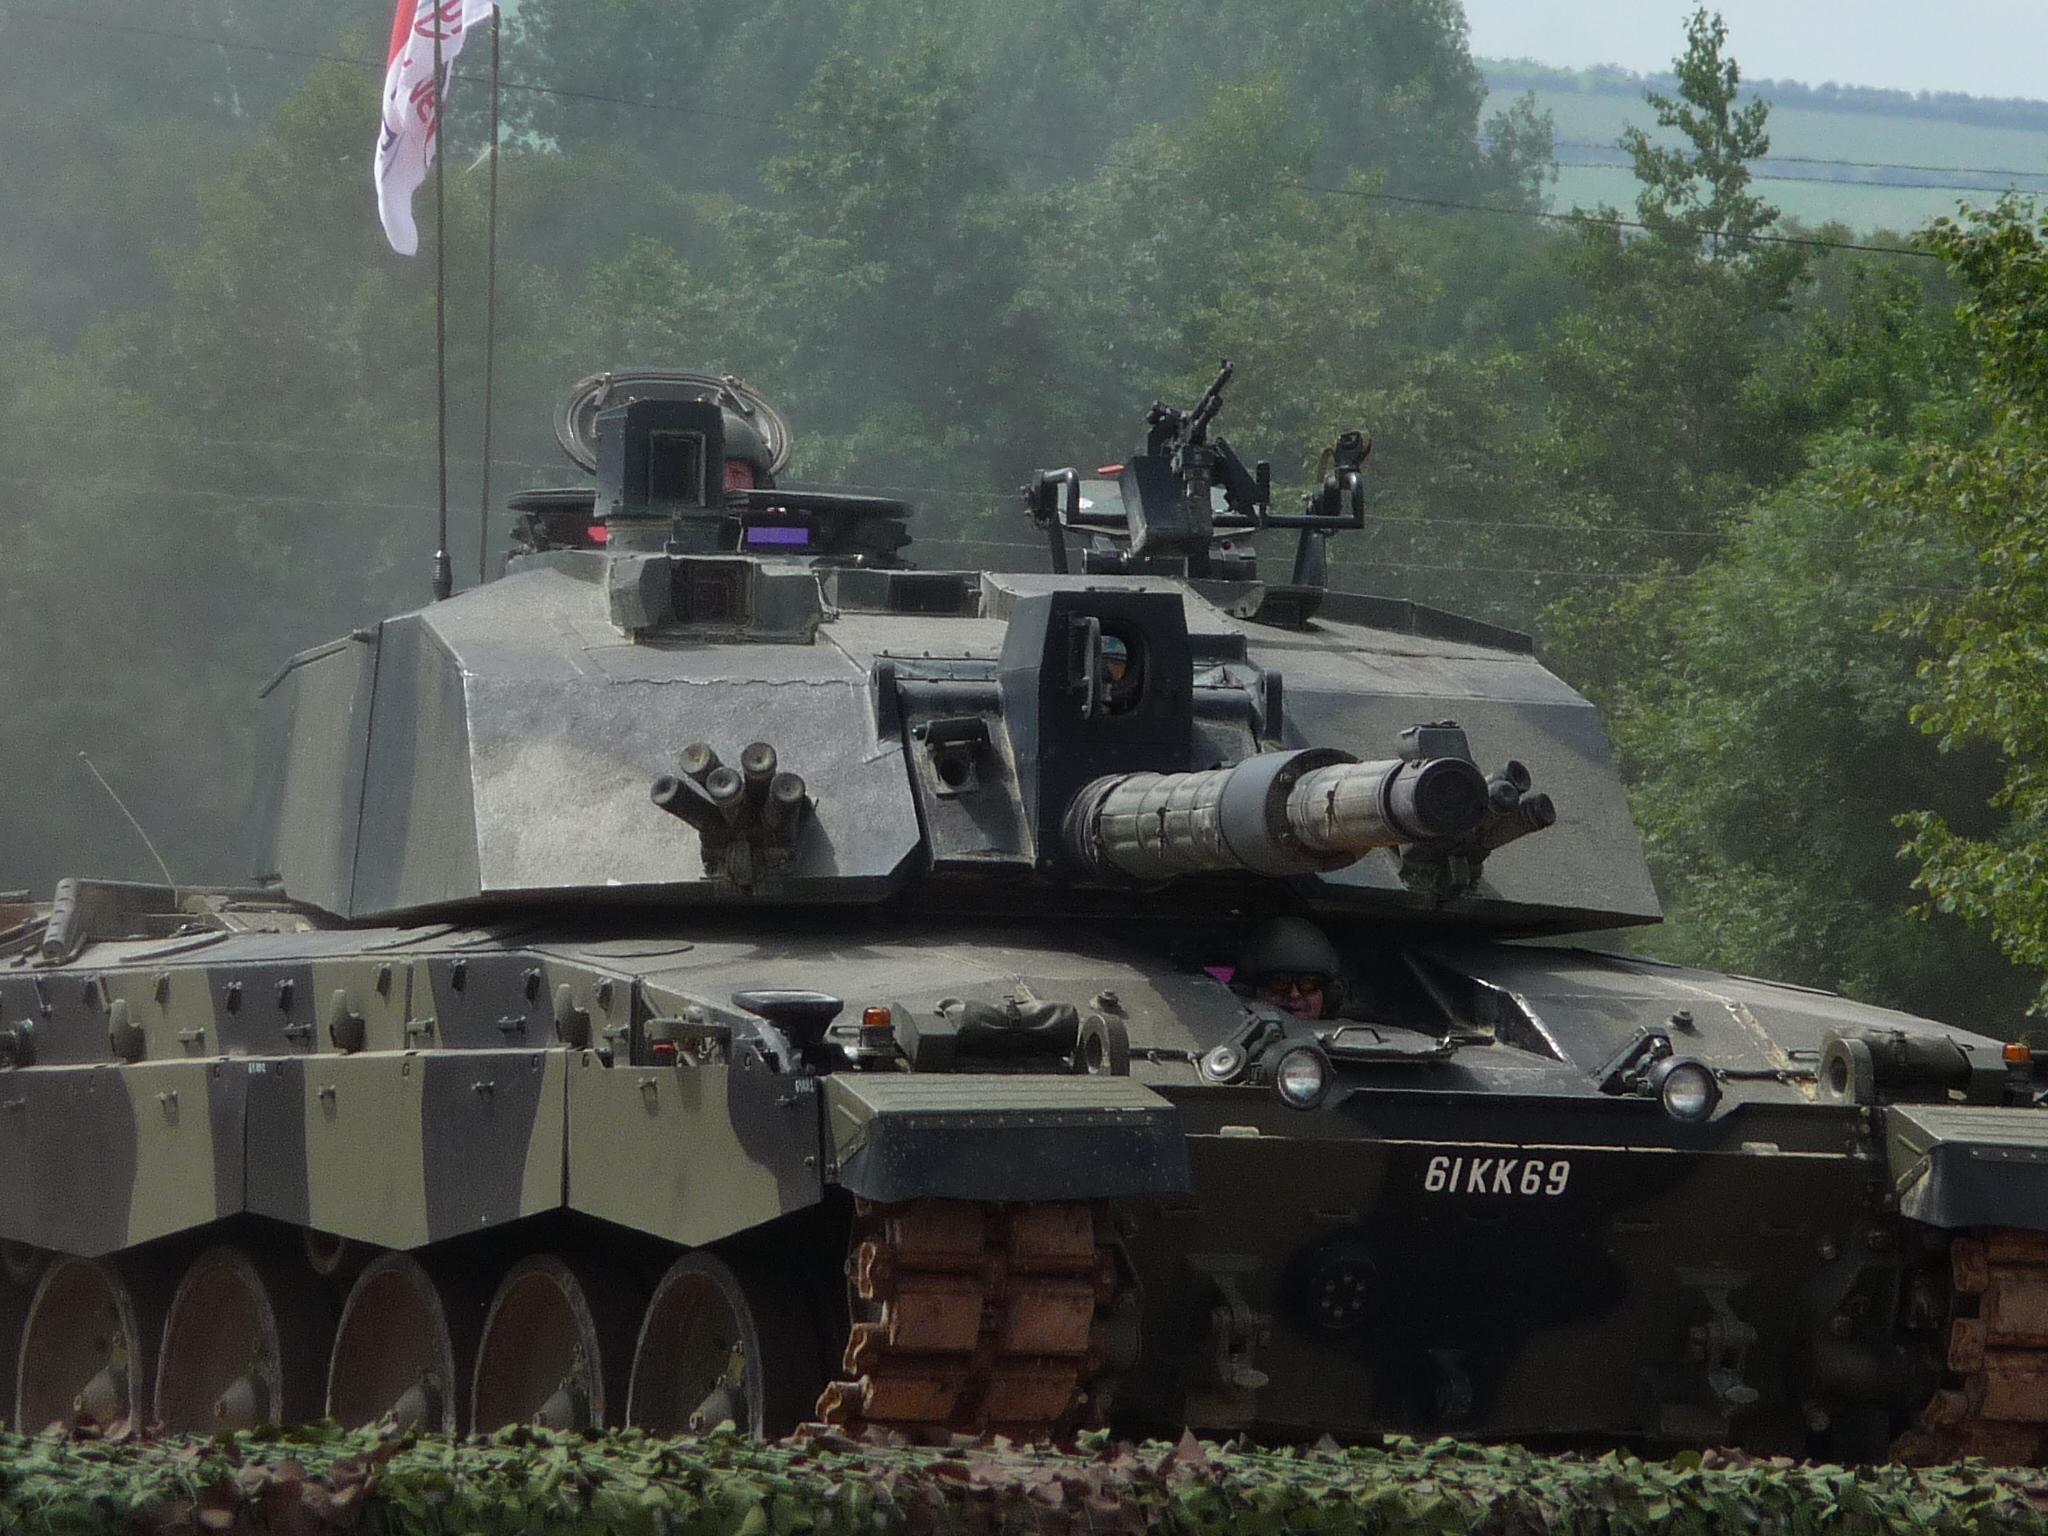 http://upload.wikimedia.org/wikipedia/commons/5/5d/Challenger_2_Tankfest_2009.jpg